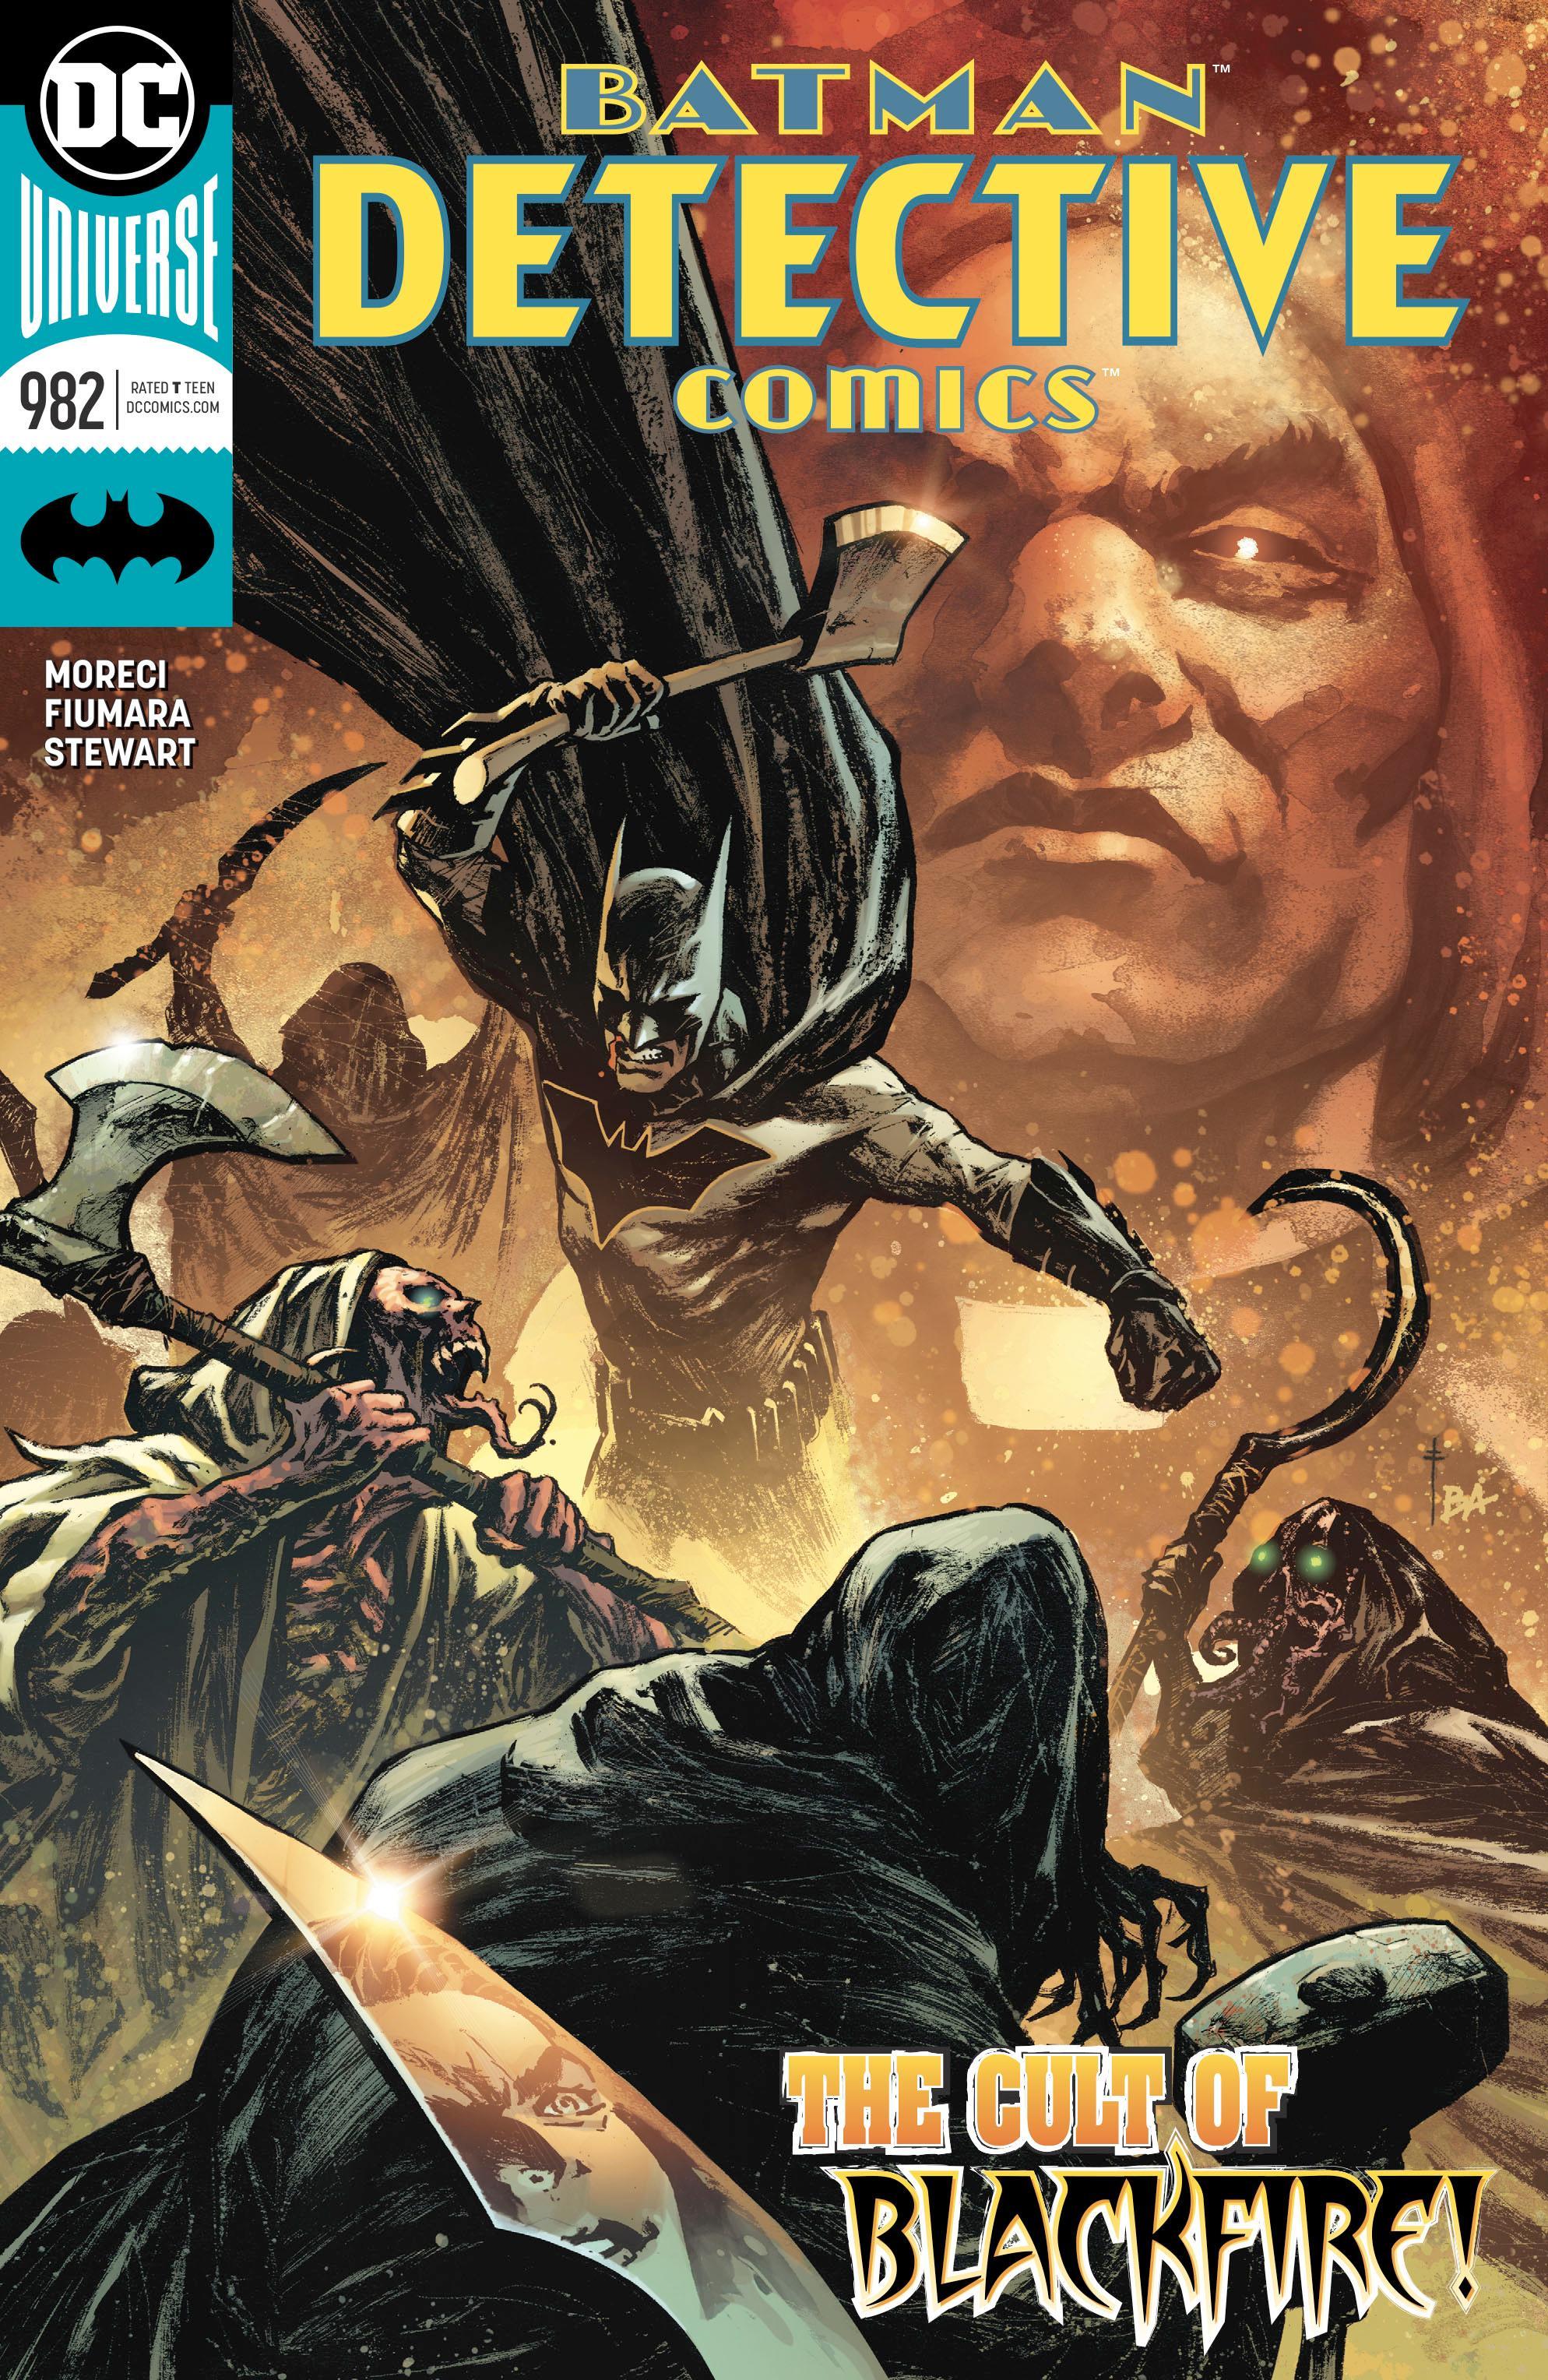 Detective Comics 982